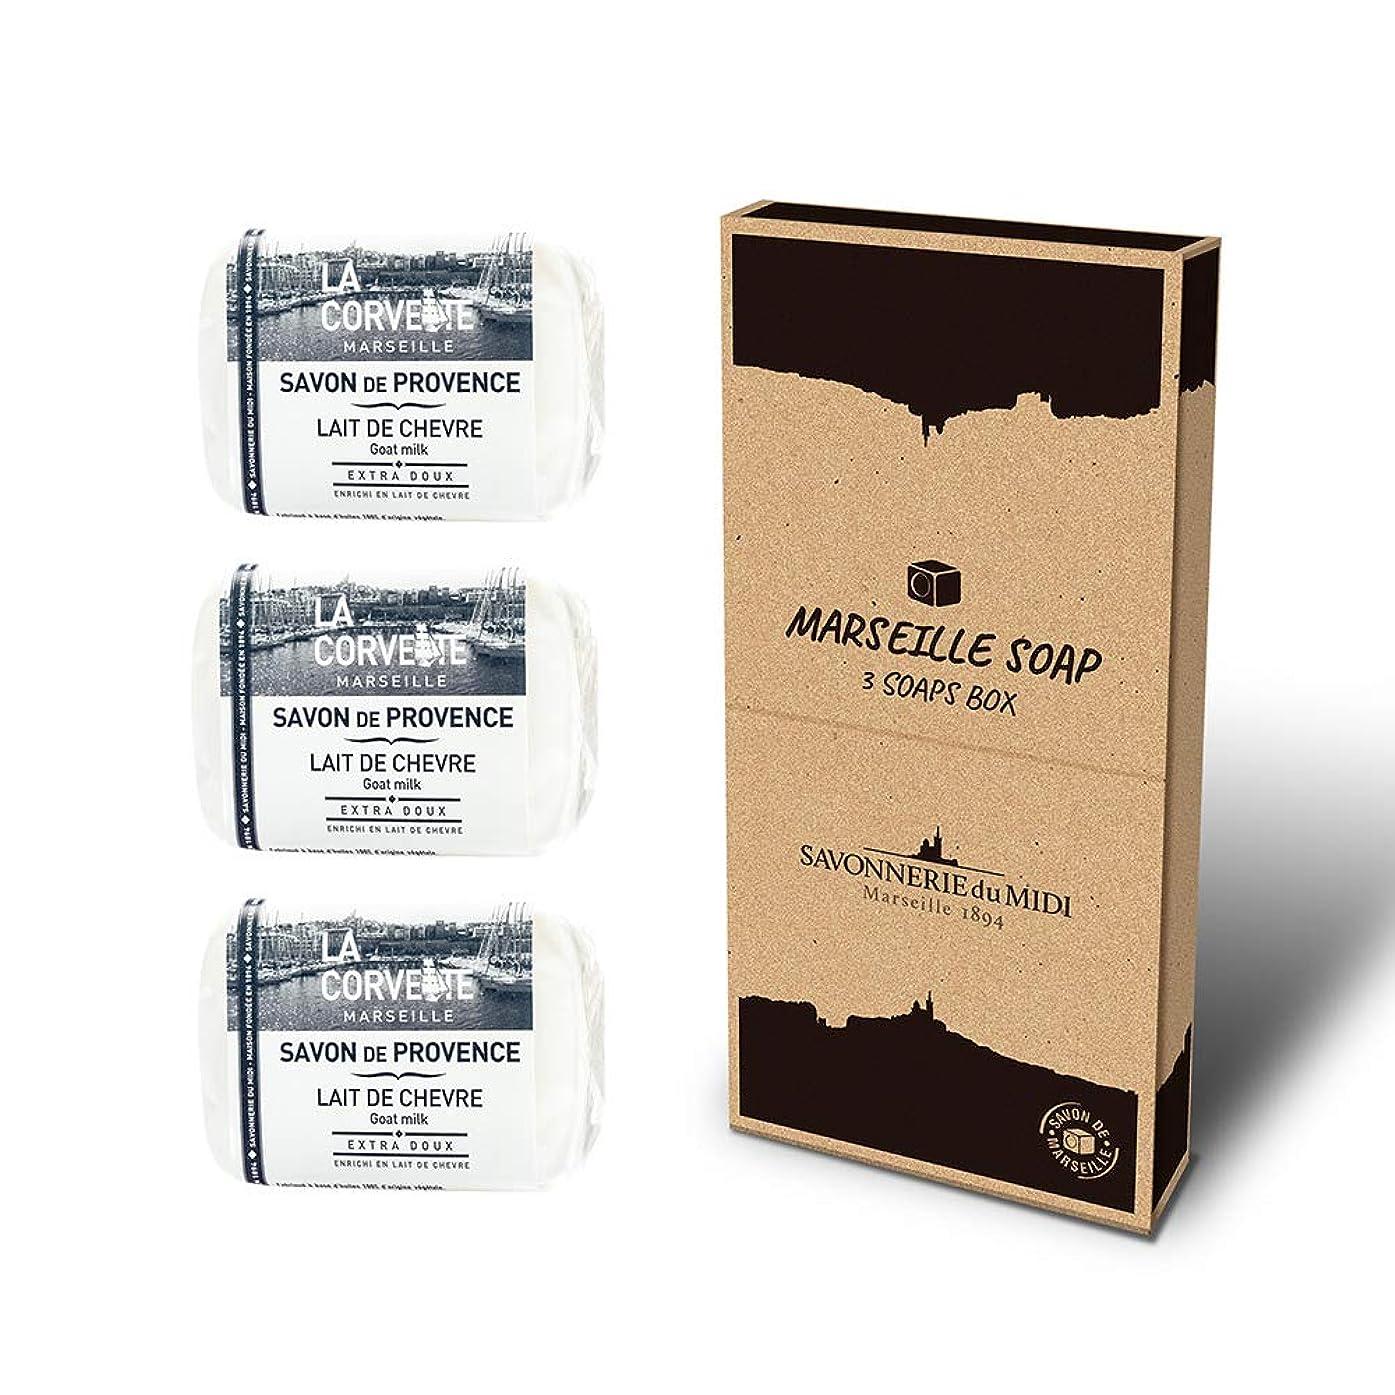 船乗りクレーター雰囲気マルセイユソープ 3Soaps BOX ゴートミルク